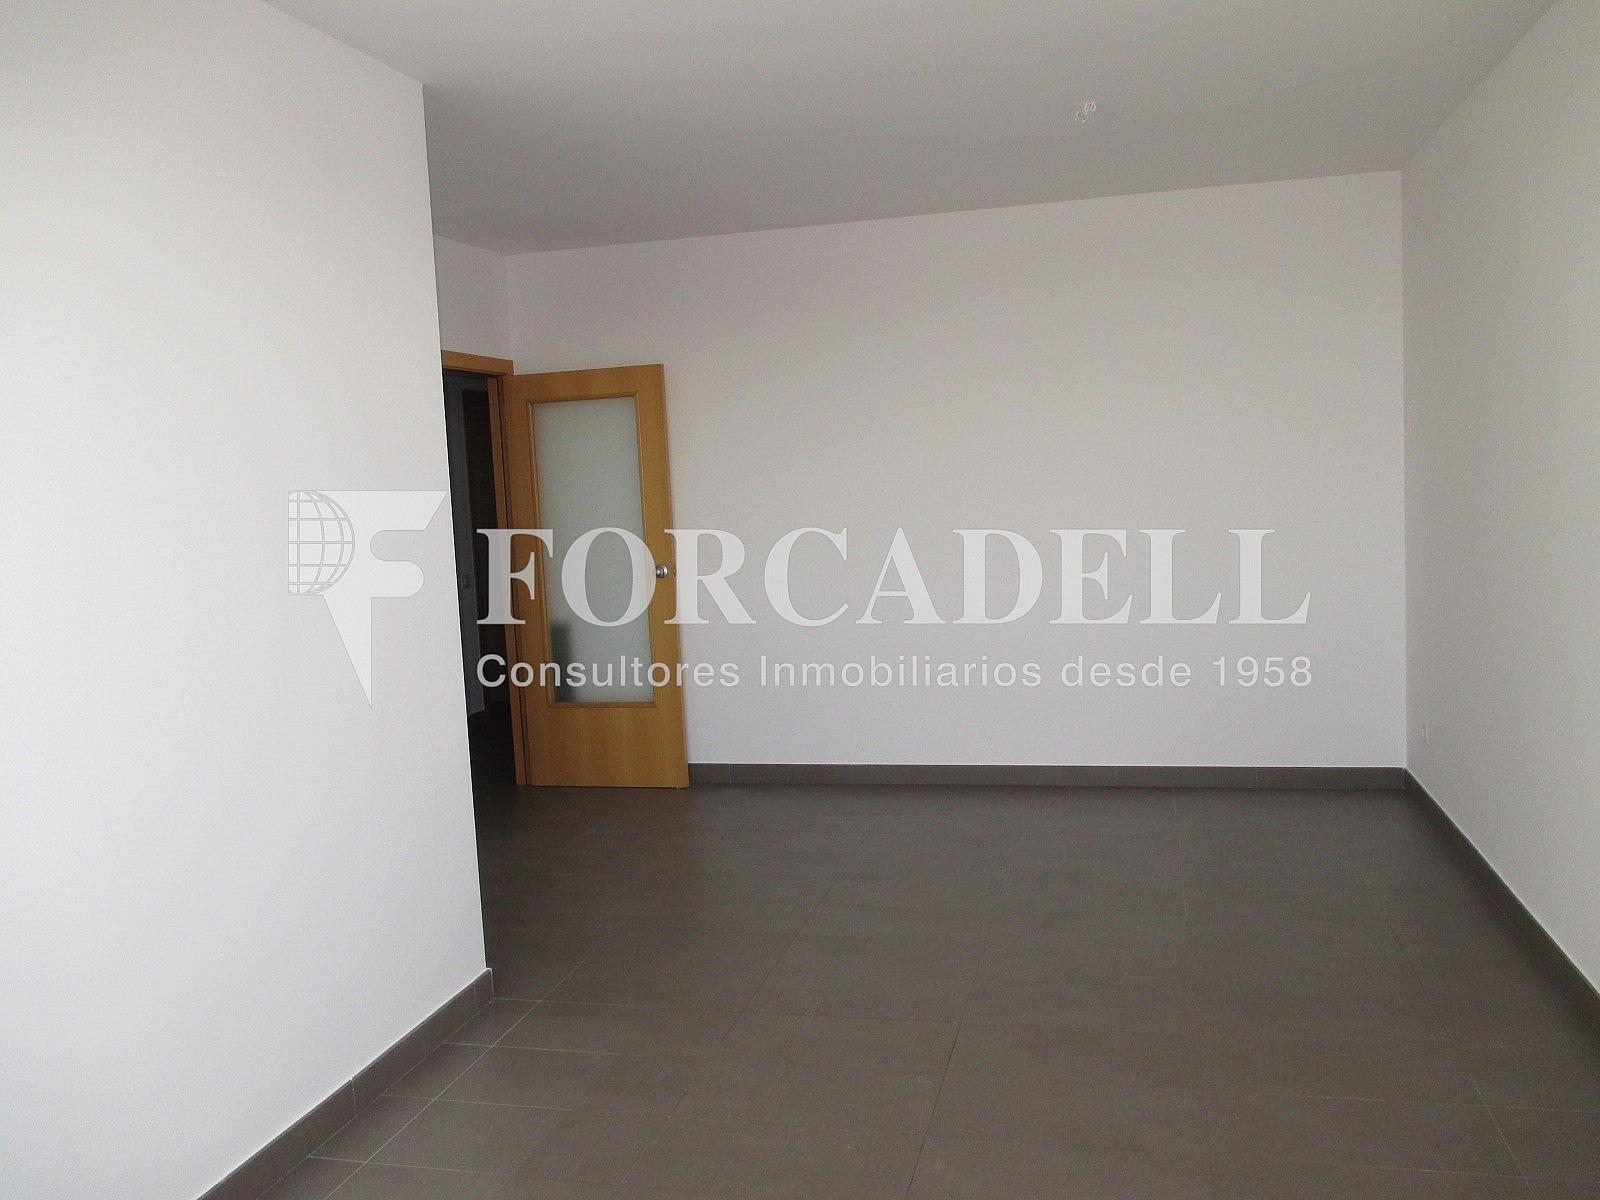 IMG_2689 - Piso en alquiler en calle Merce Rodoreda, Can clota en Esplugues de Llobregat - 331432107